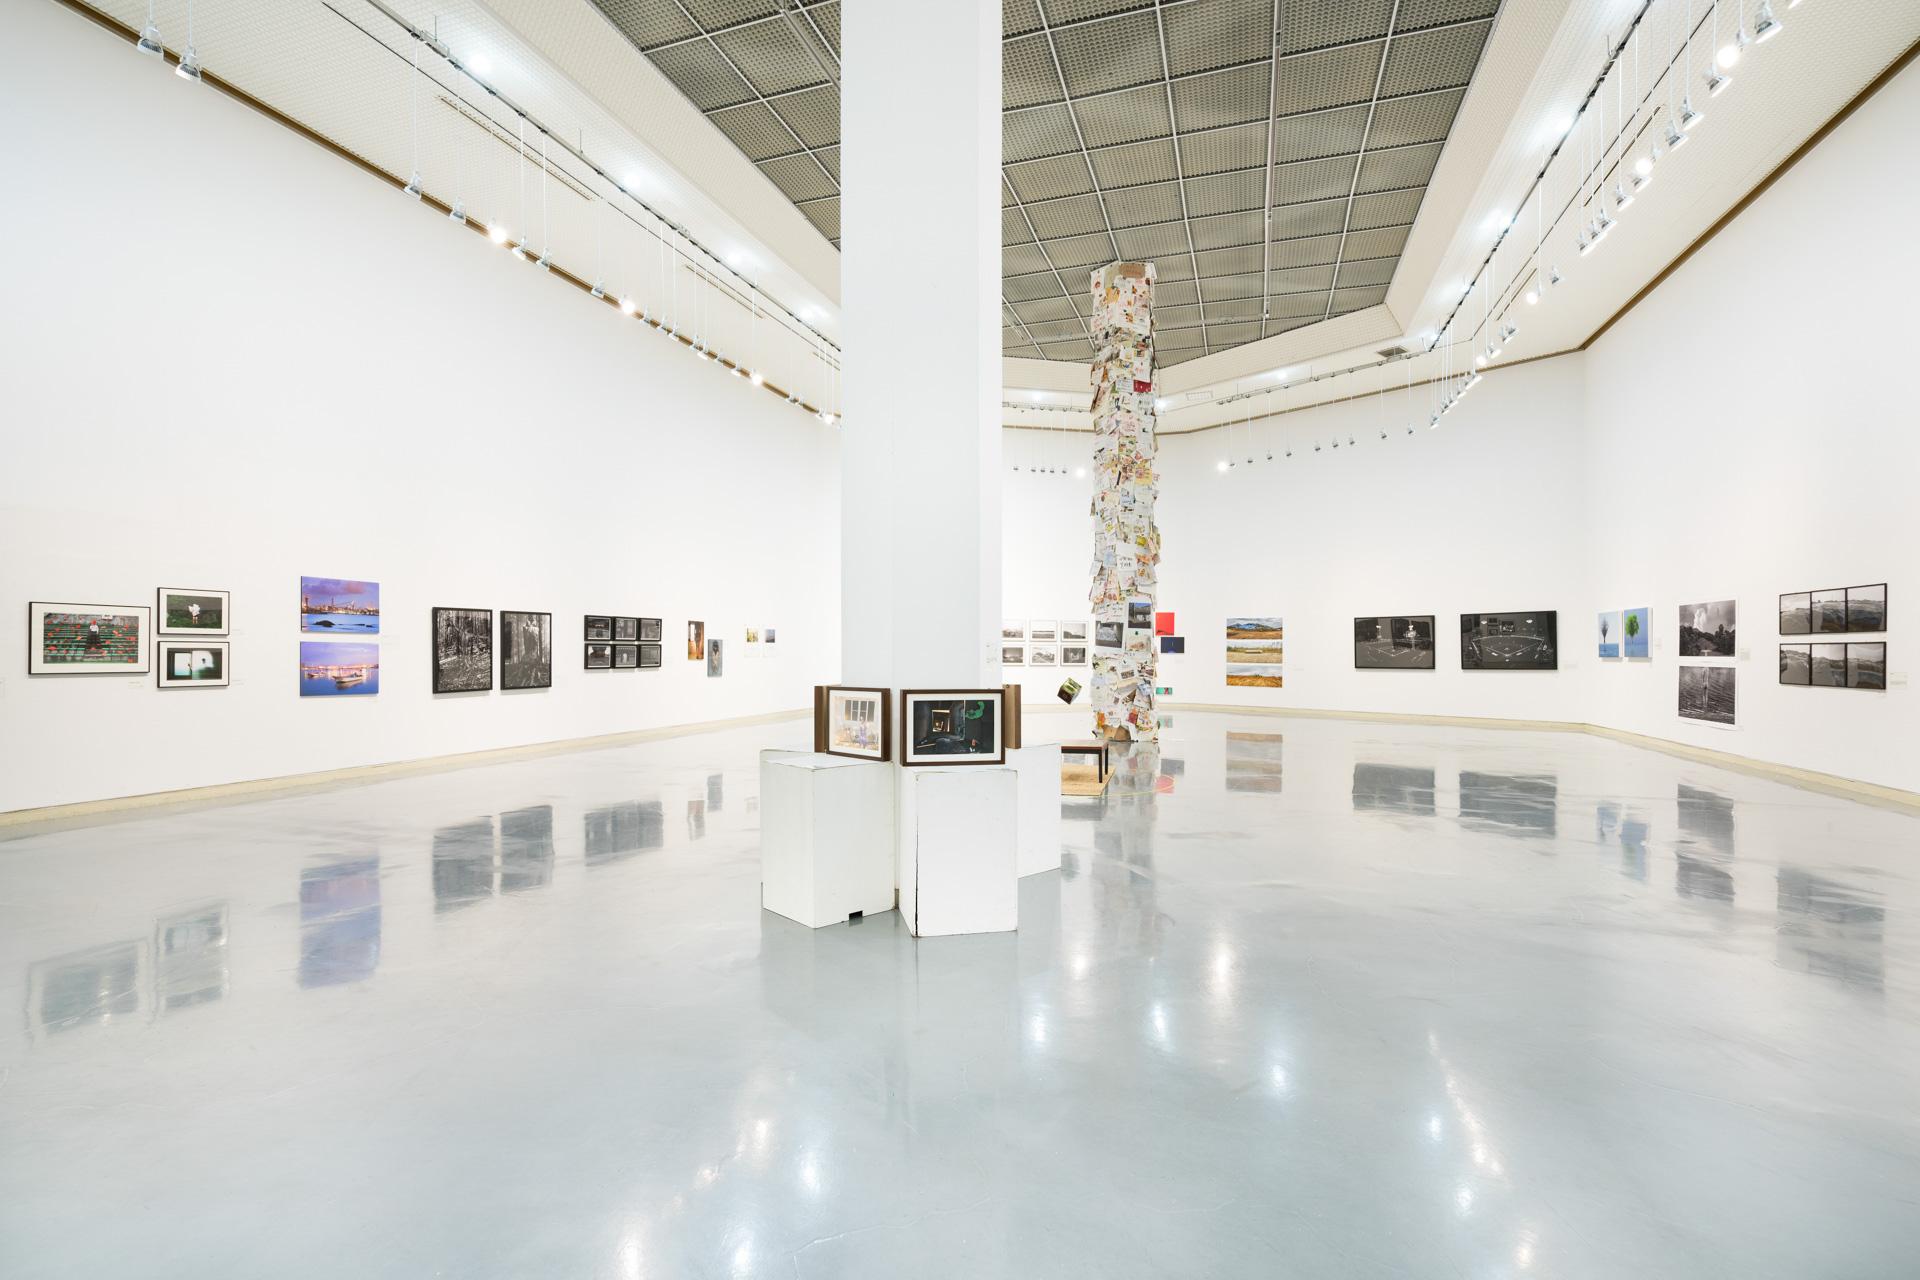 대구문화예술회관 내부